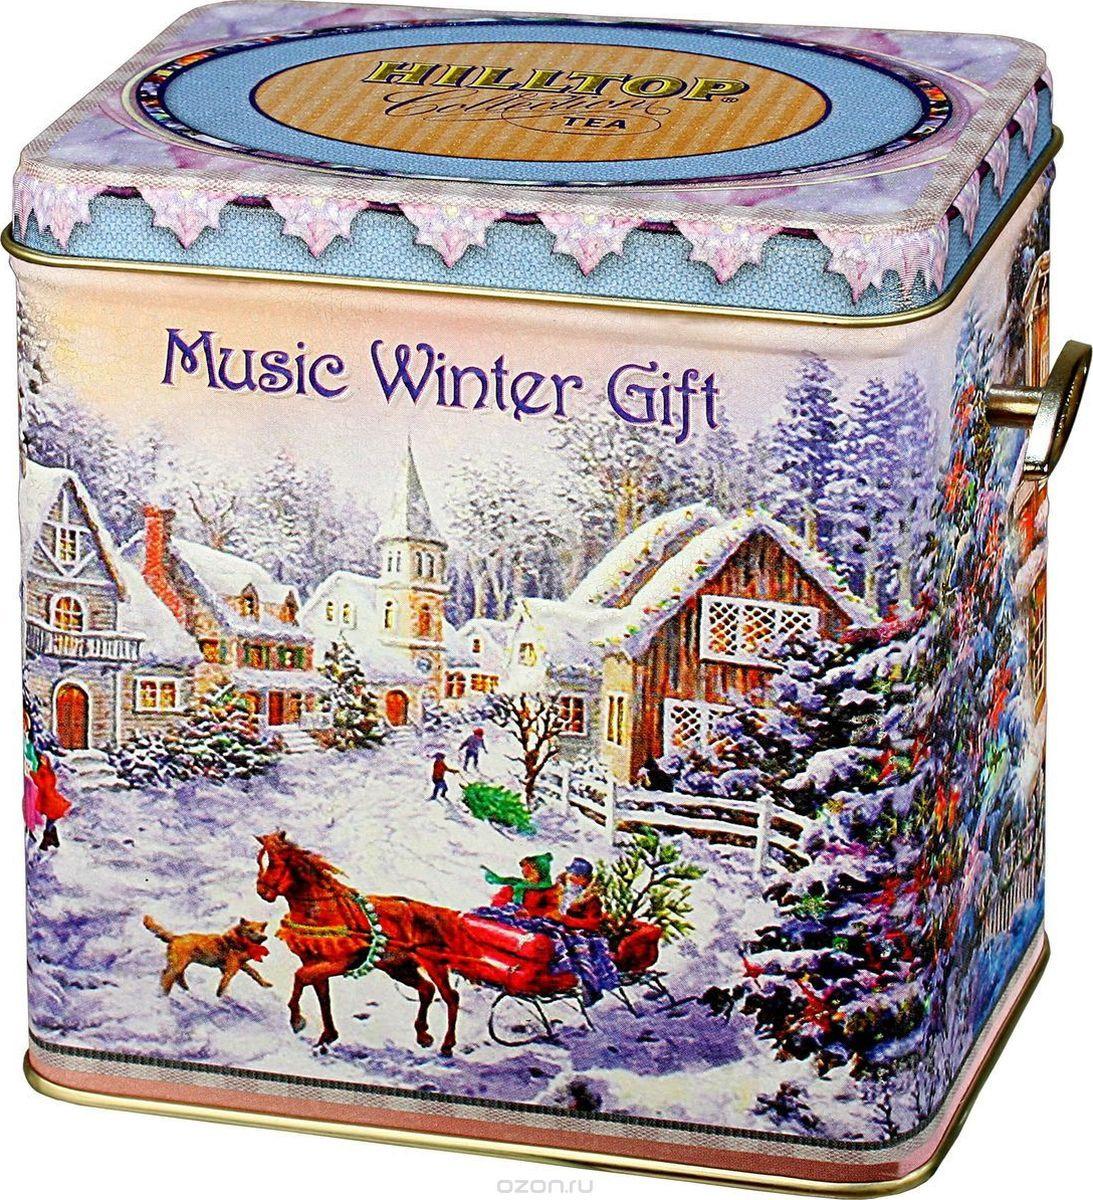 Hilltop Шкатулка Музыкальный зимний подарок Королевское золото черный листовой чай, 100 г шкатулка подарочная неупиваемая чаша черный листовой чай 100 г